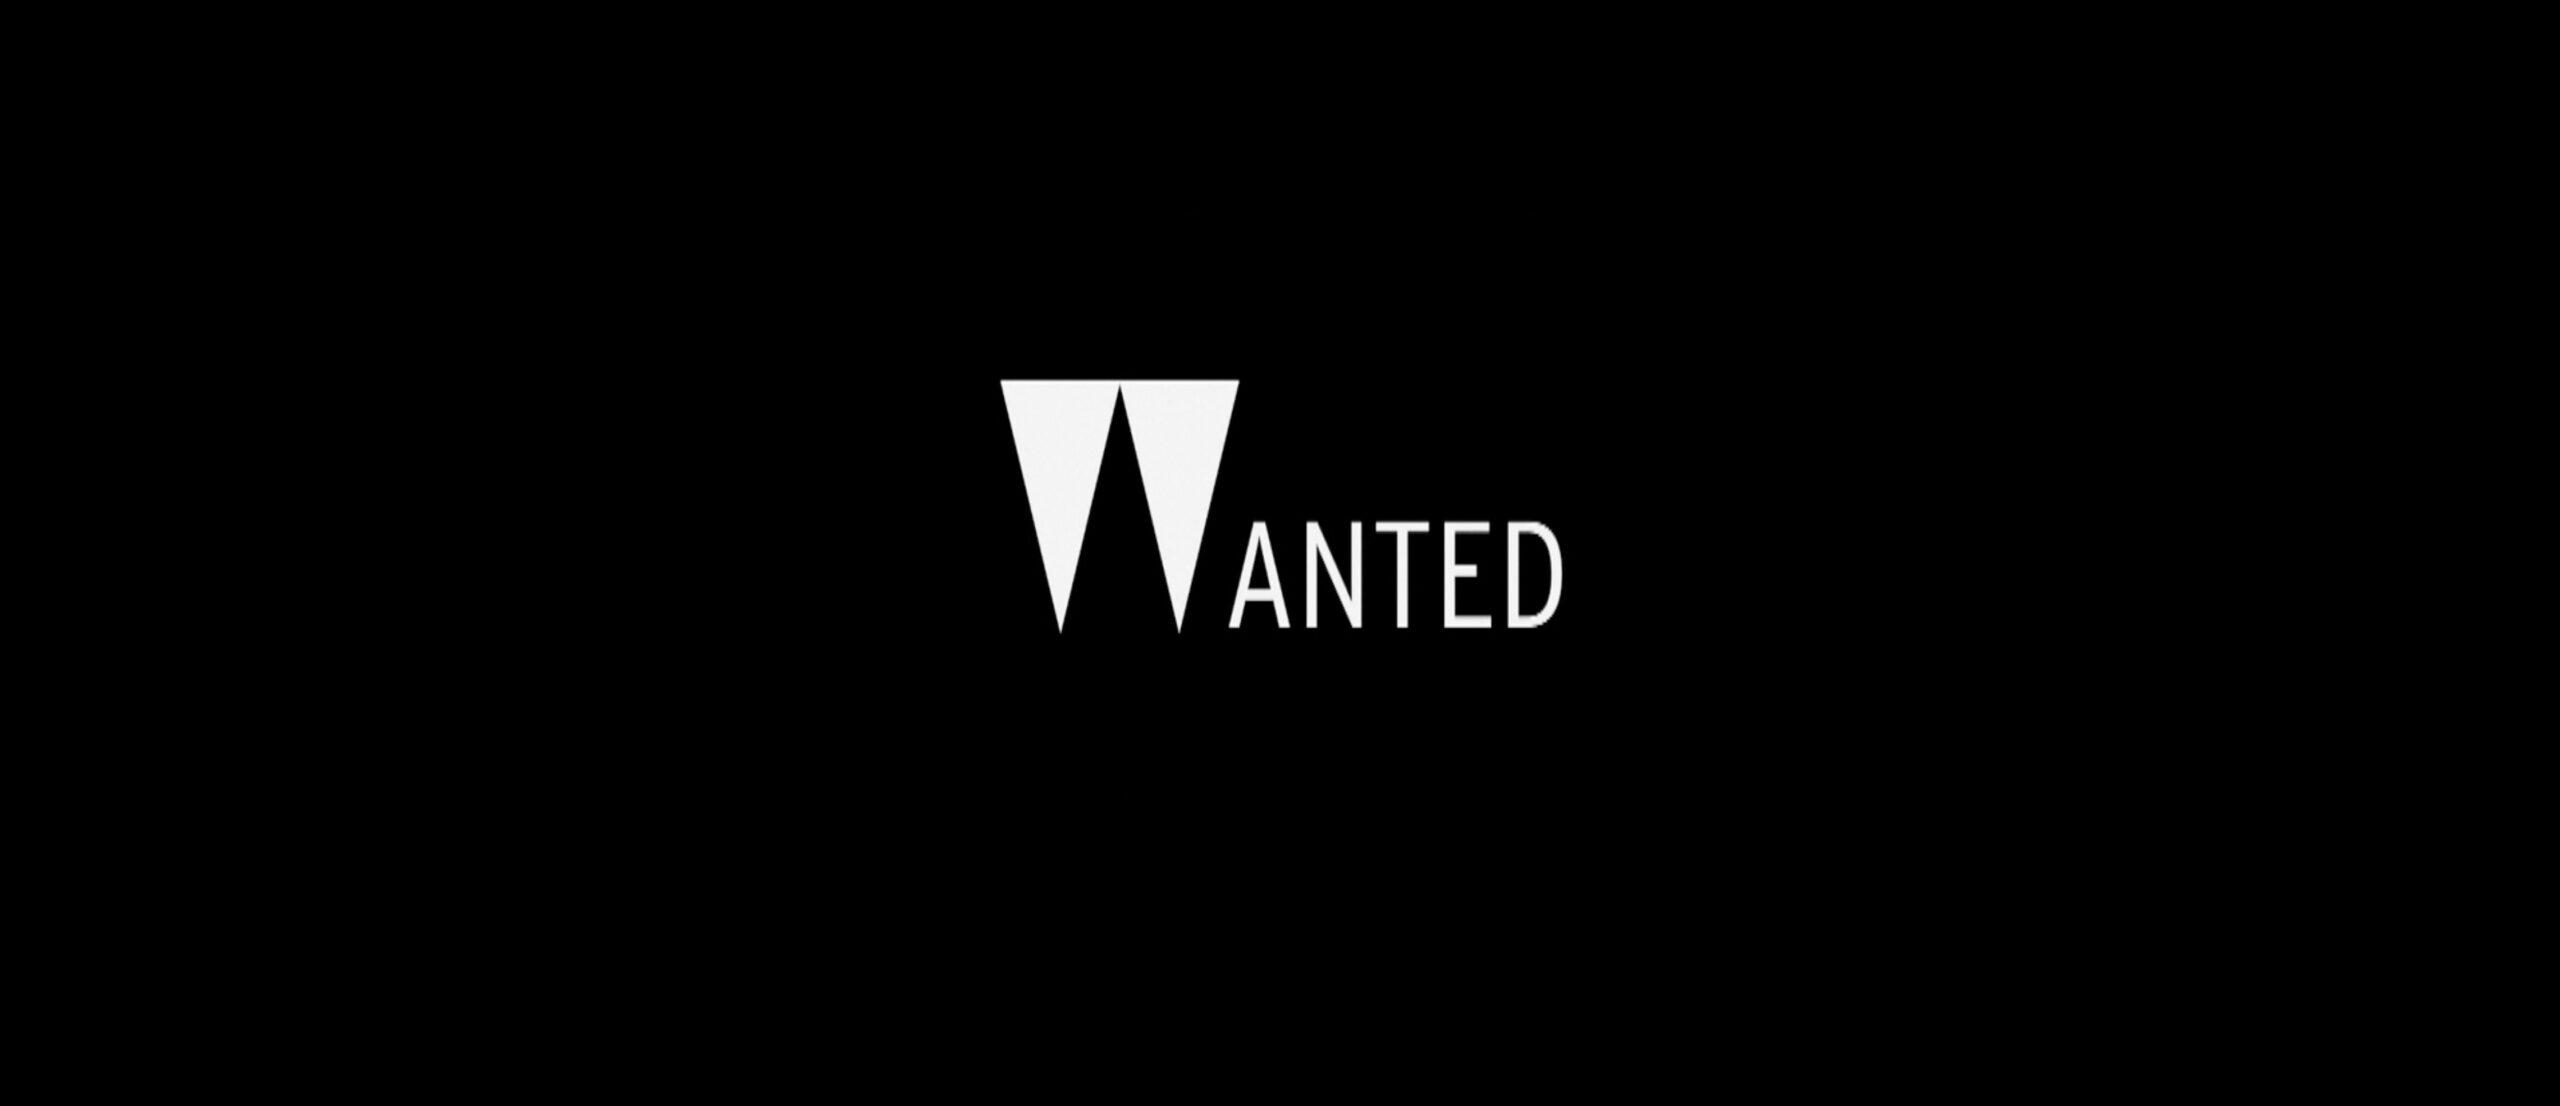 Intervista Wanted Cinema | Anastasia Plazzotta